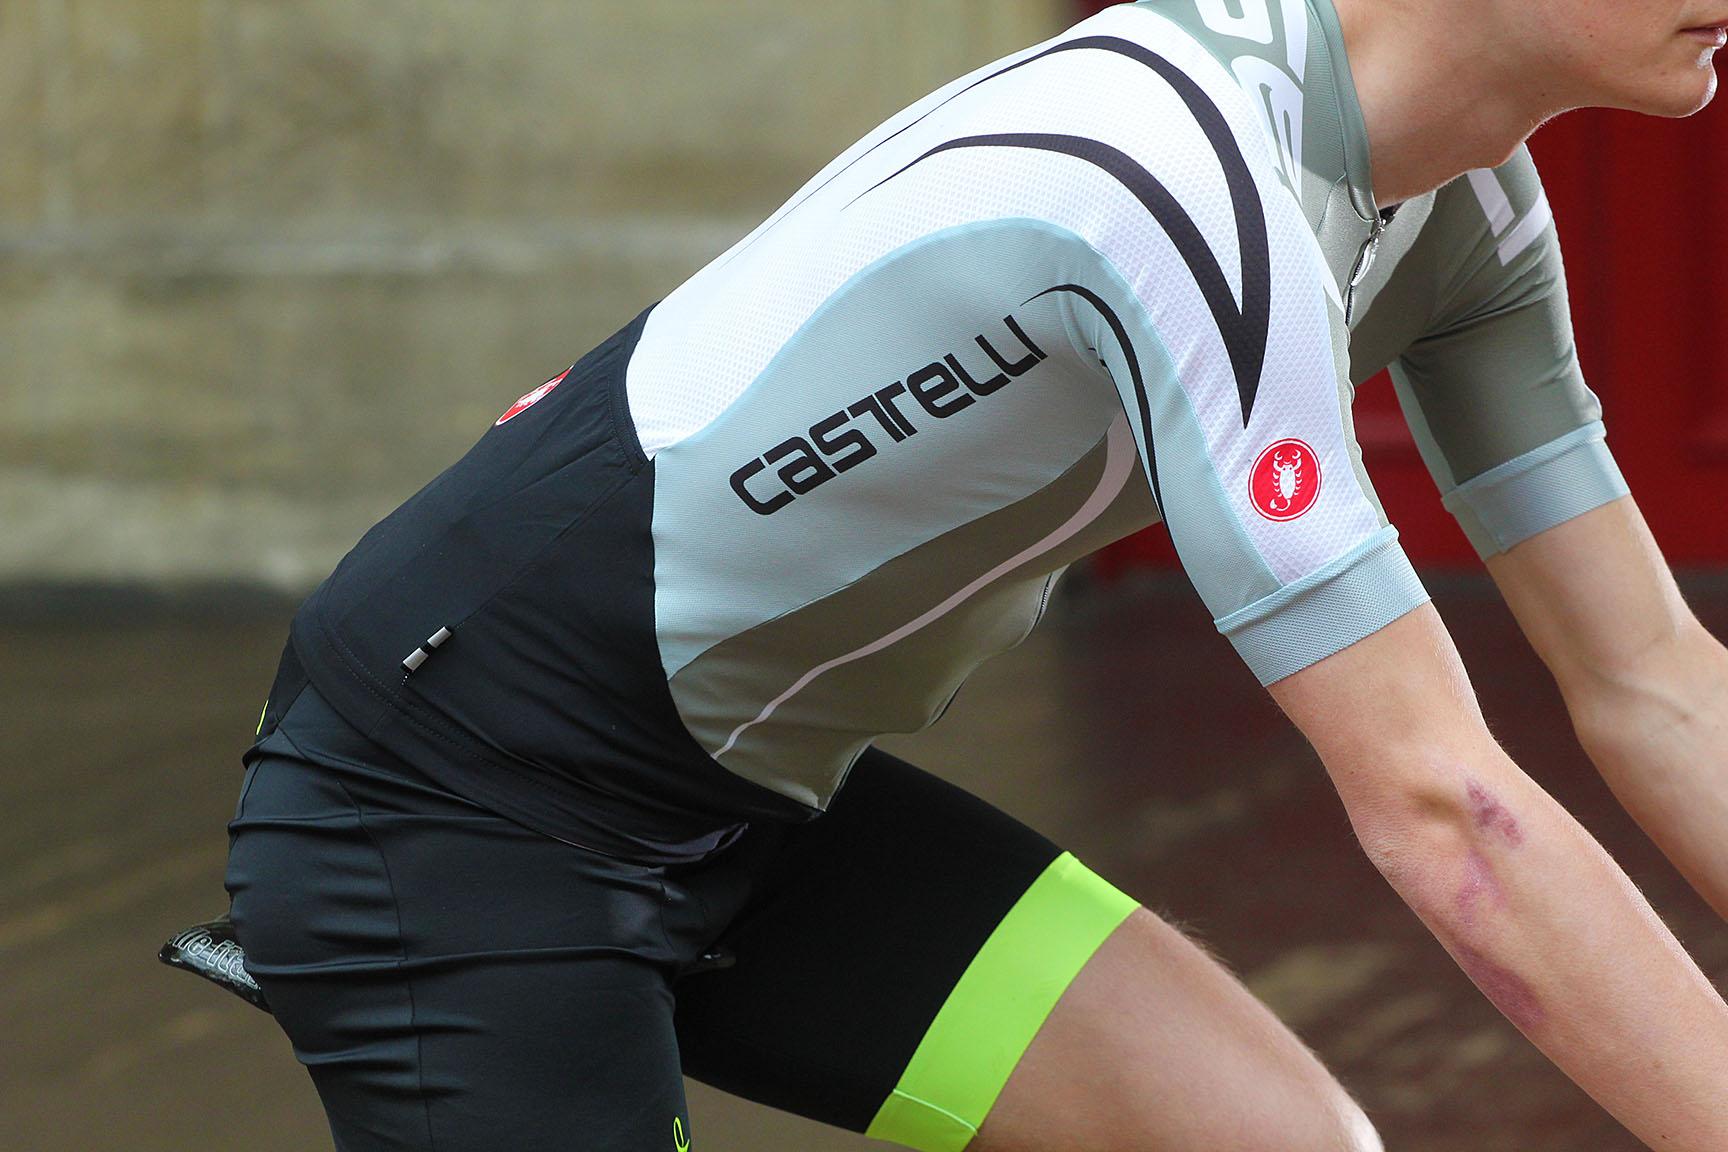 4514012 Details about  /Castelli Aero Race 5.0 Jersey Rennradtrikot Con Parlando